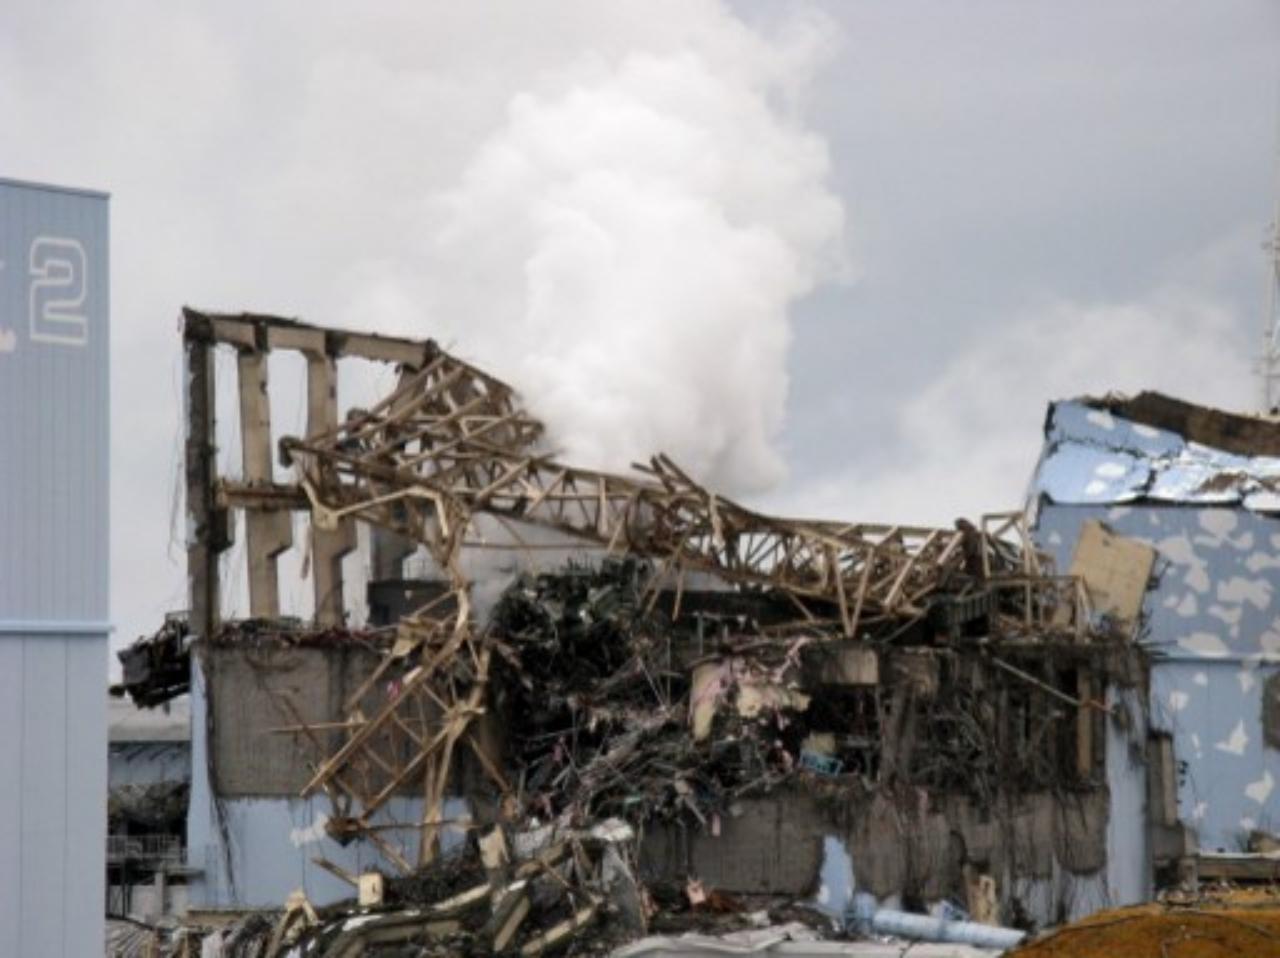 สภาพความเสียหายของโรงงานไฟฟ้าพลังนิวเคลียร์ที่จังหวัดฟูกูชิมะ หลังเกิดแผ่นดินไหวและสึนามิครั้งใหญ่ เมื่อมี.ค.54